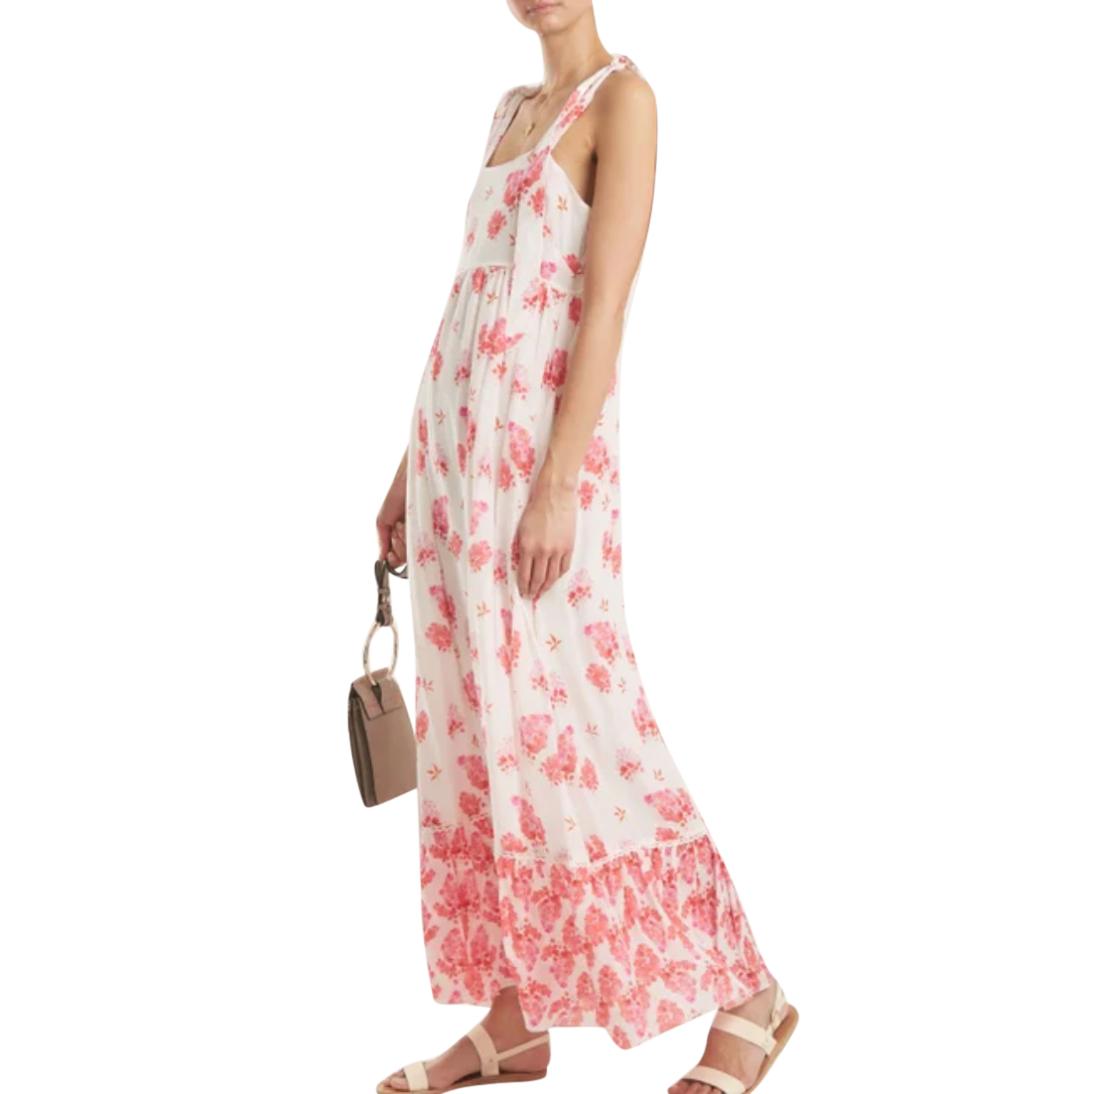 Athena Procopiou Silk Dress